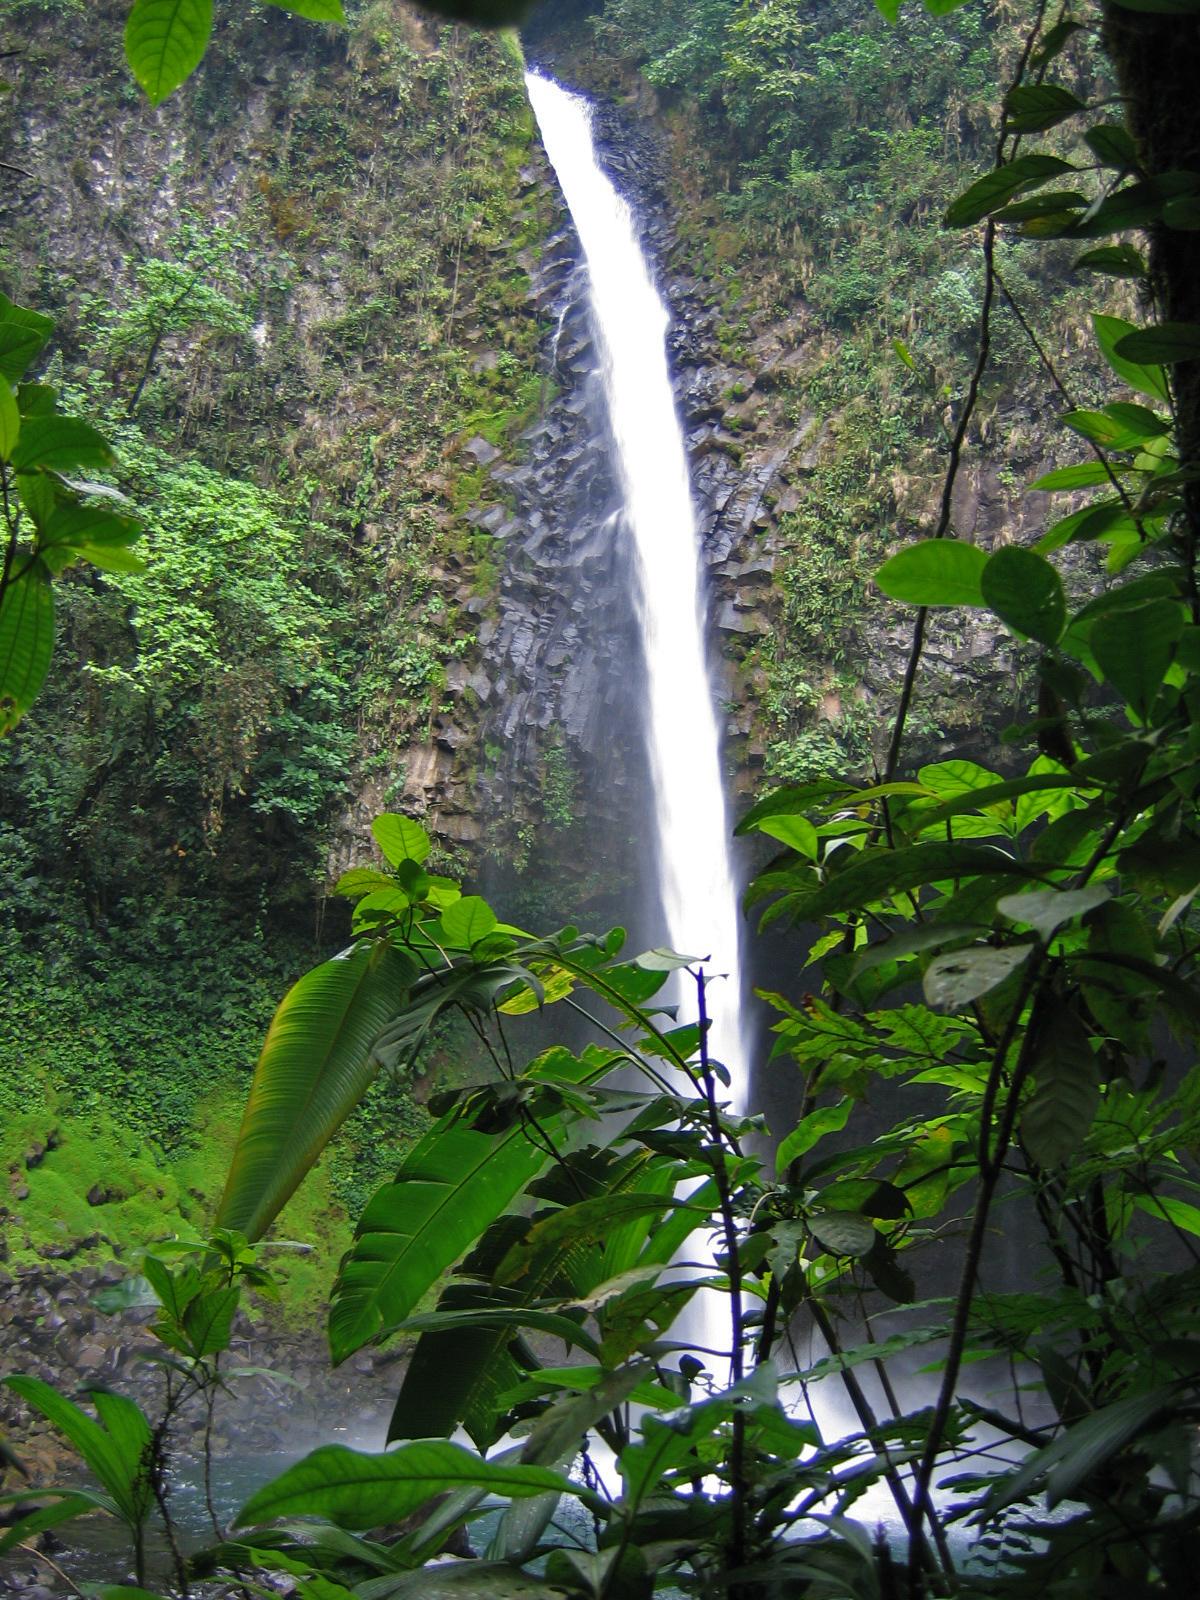 Swim in a waterfall-fed pool